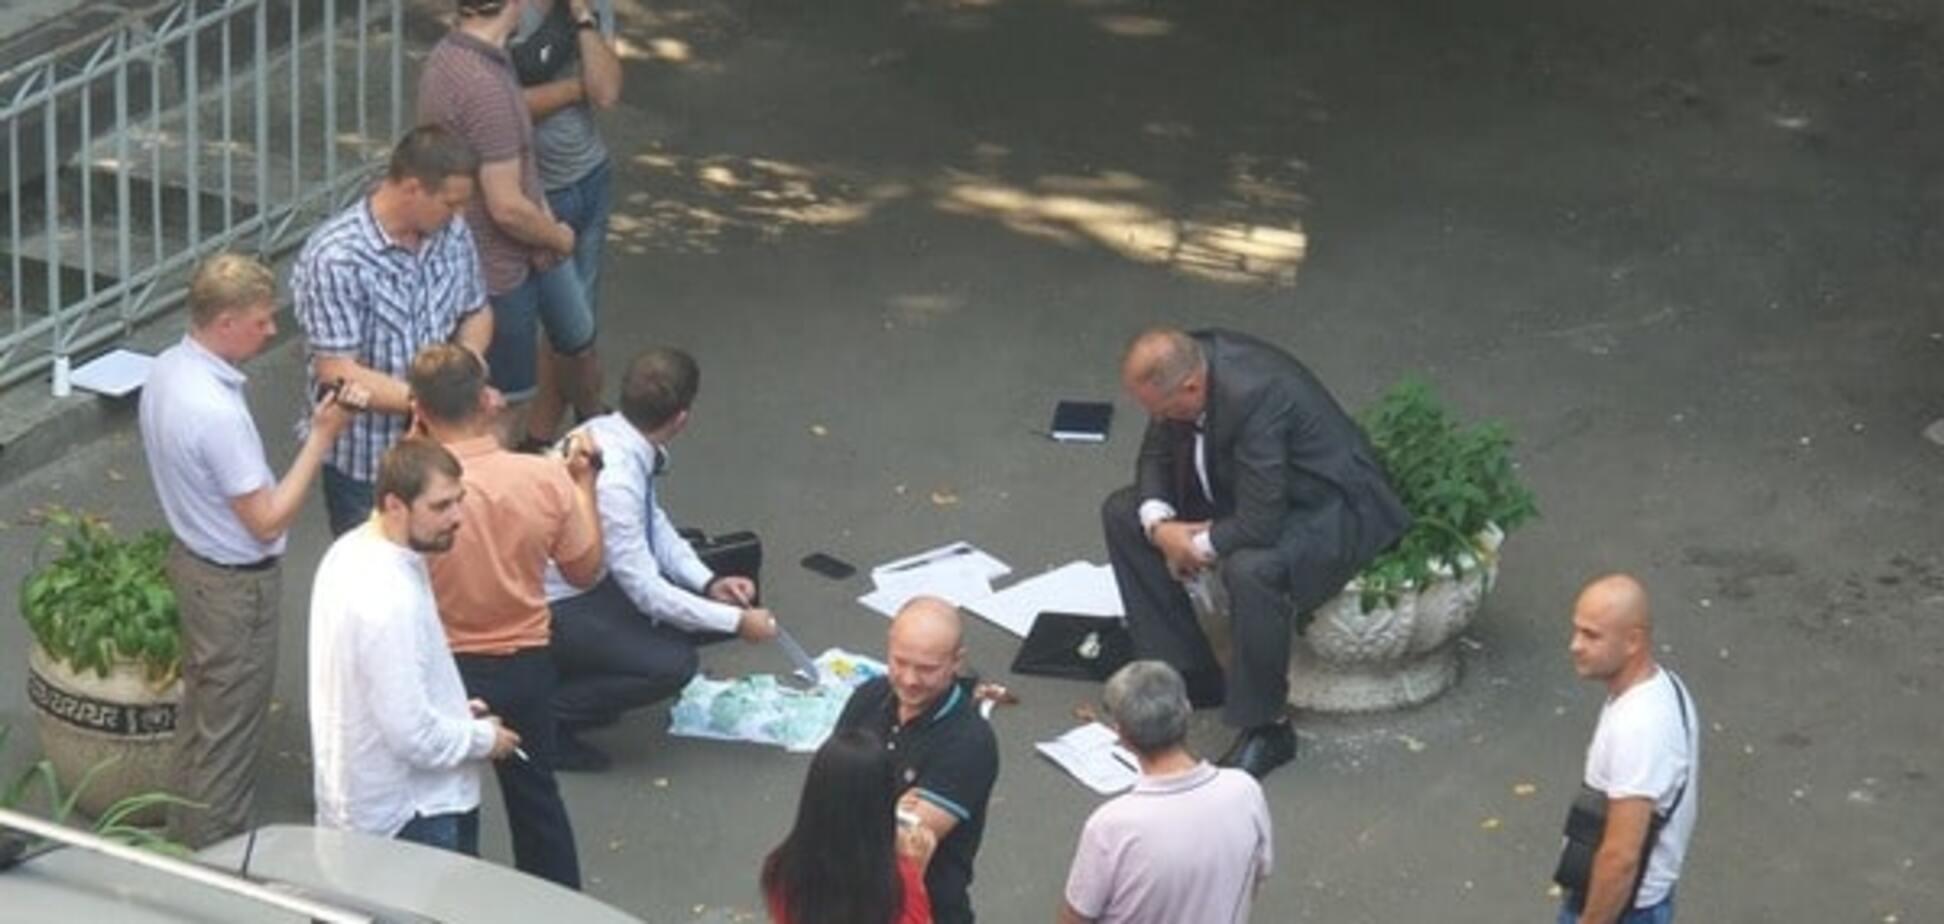 Затриманий у Києві хабарник 'пропонував послуги' судді